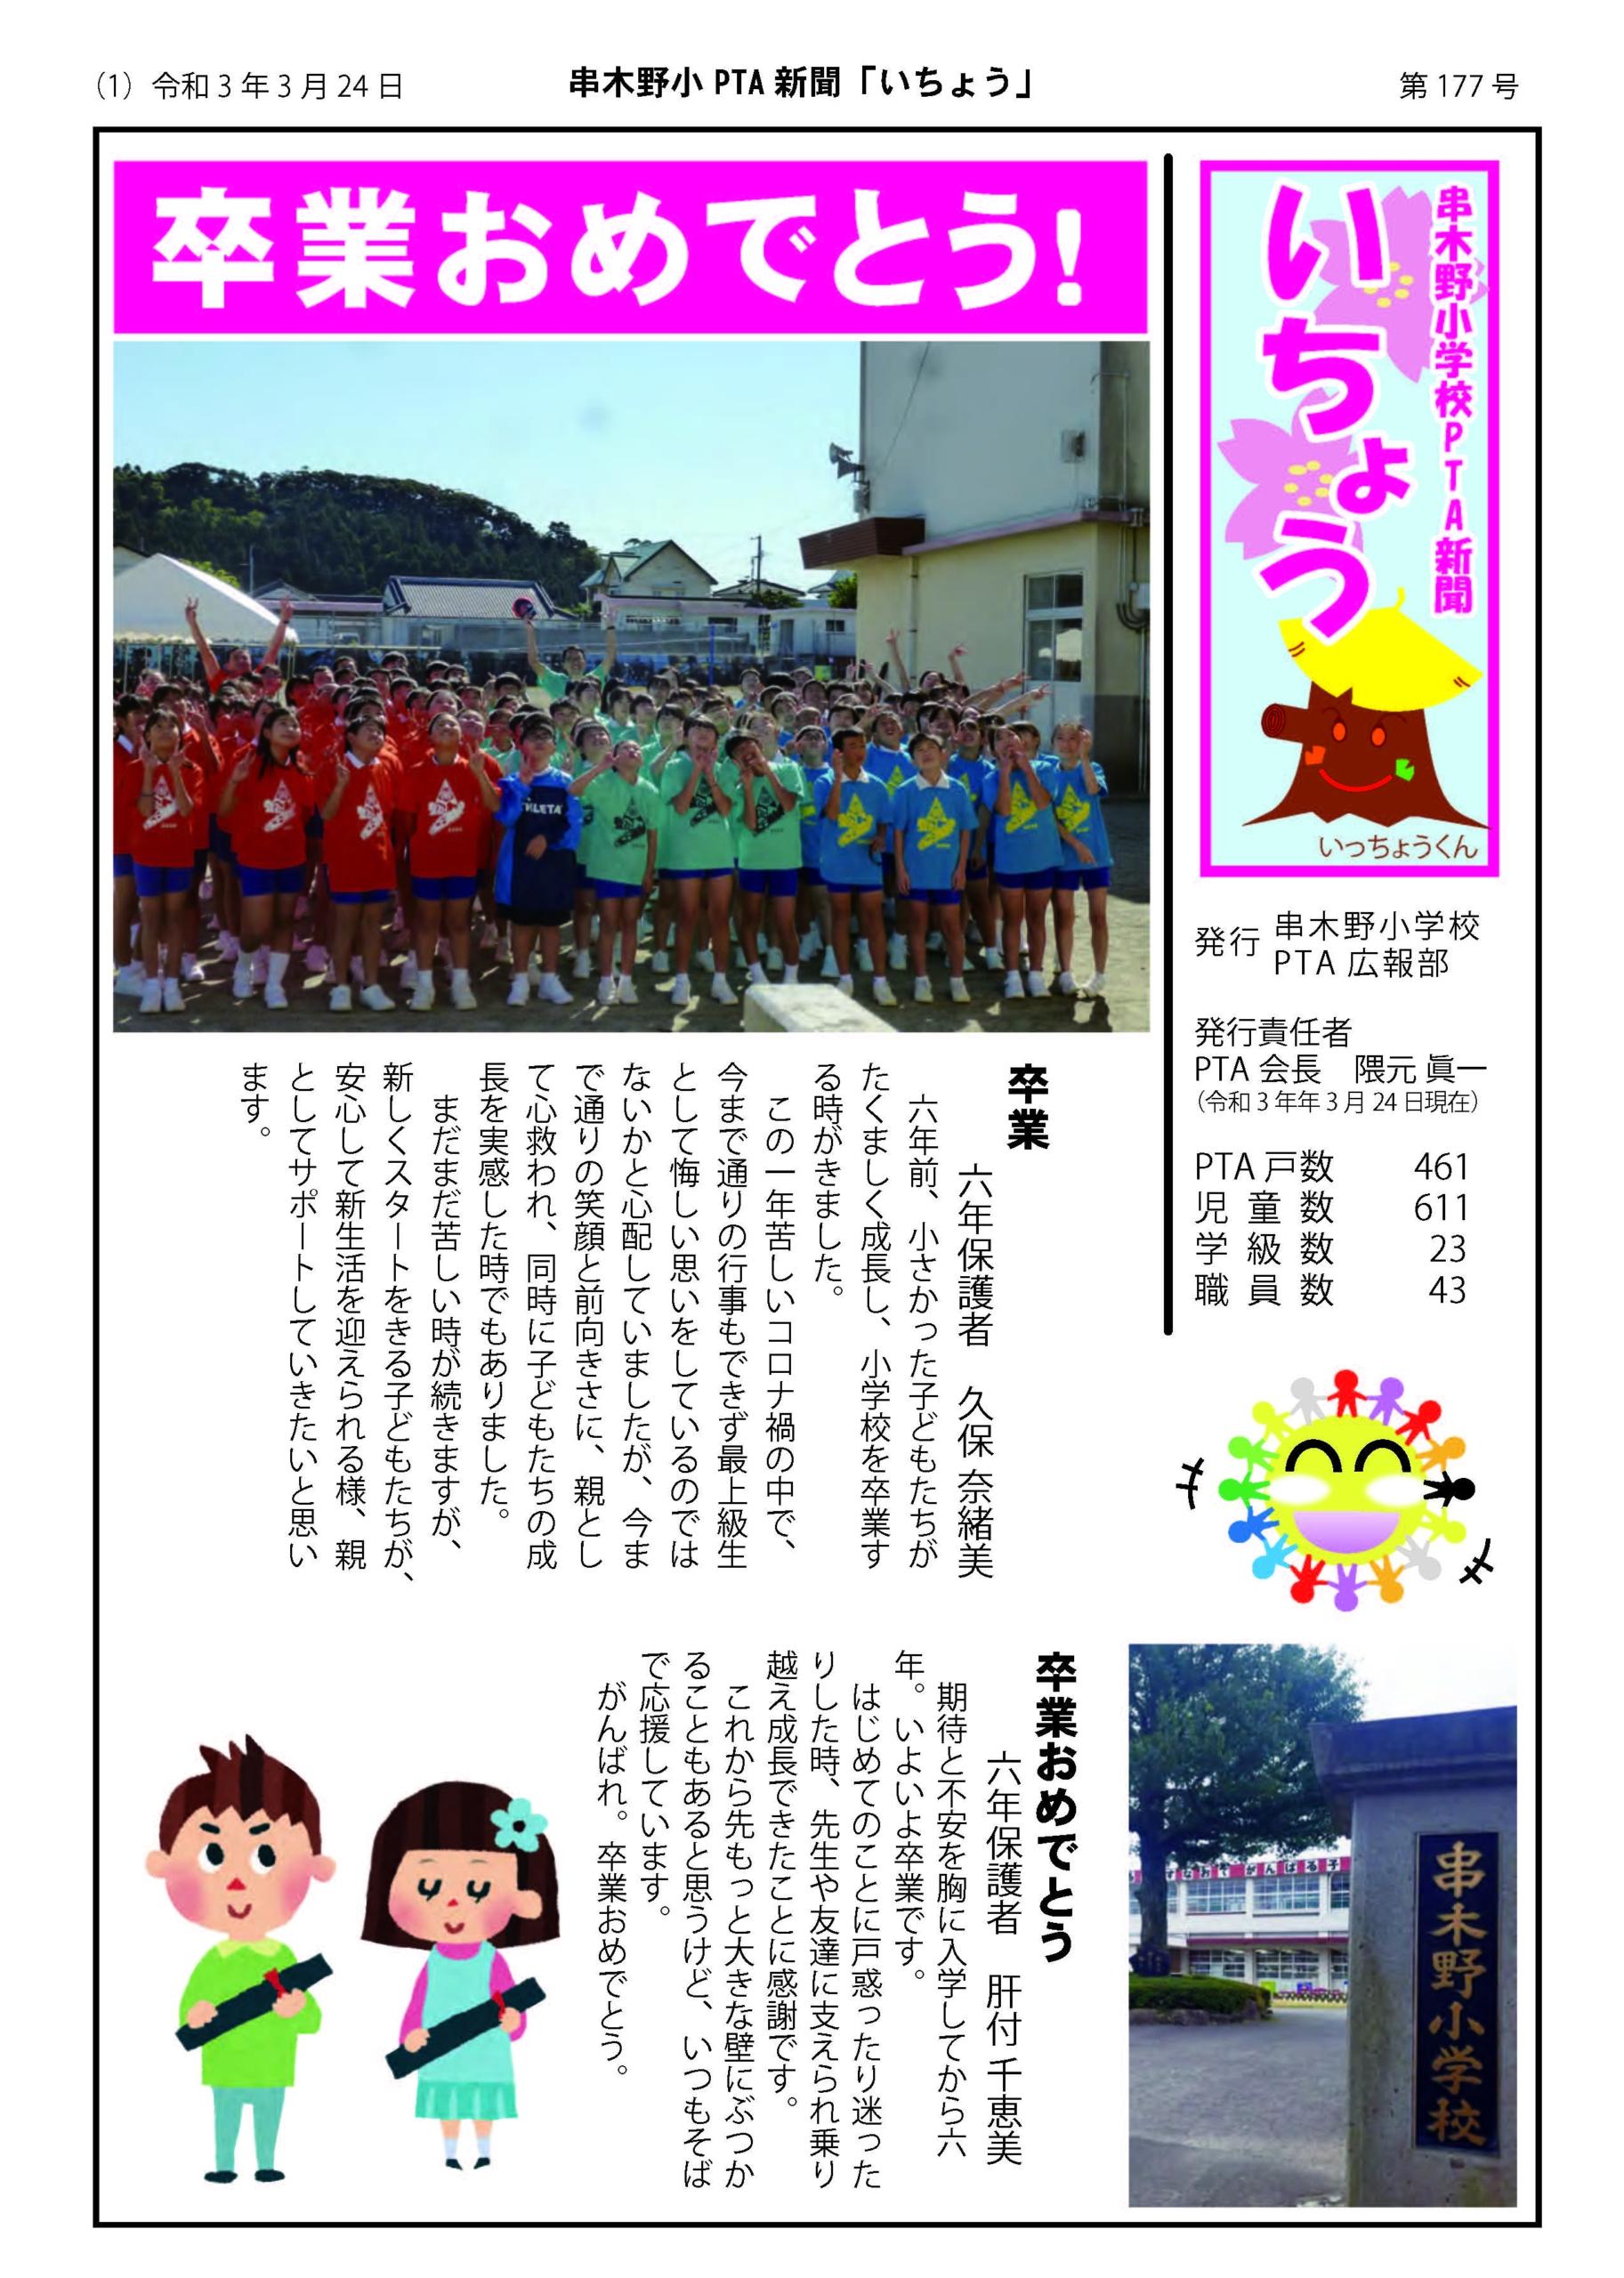 2021年3月24日 串木野小学校PTA新聞 いちょう 177号